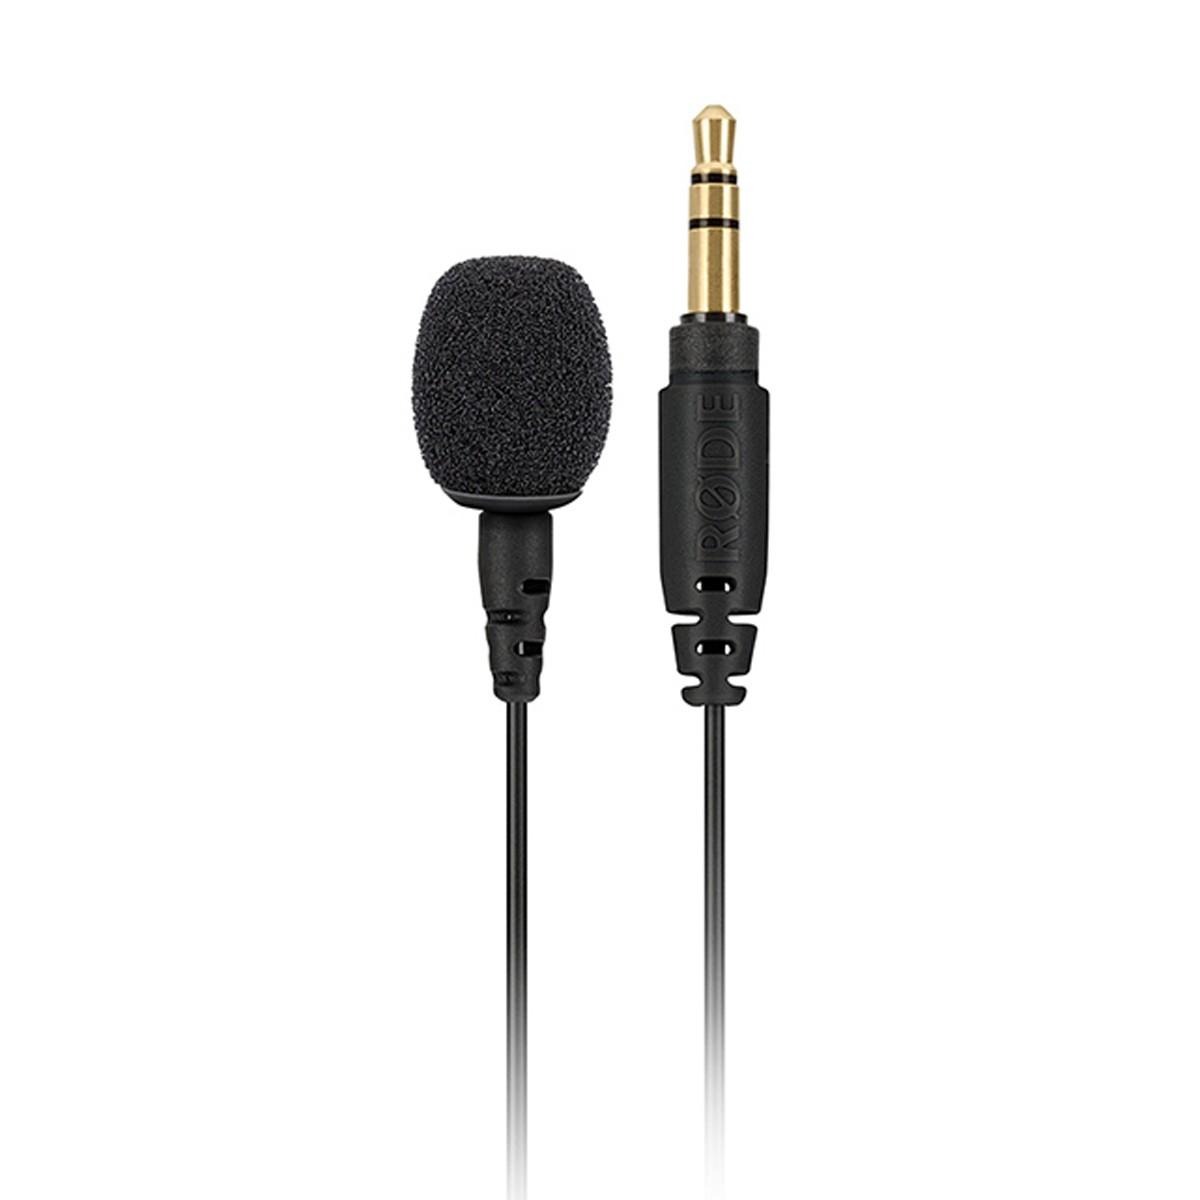 Microfone lapela omnidirecional cabo de 1,2m Rode LAVGO